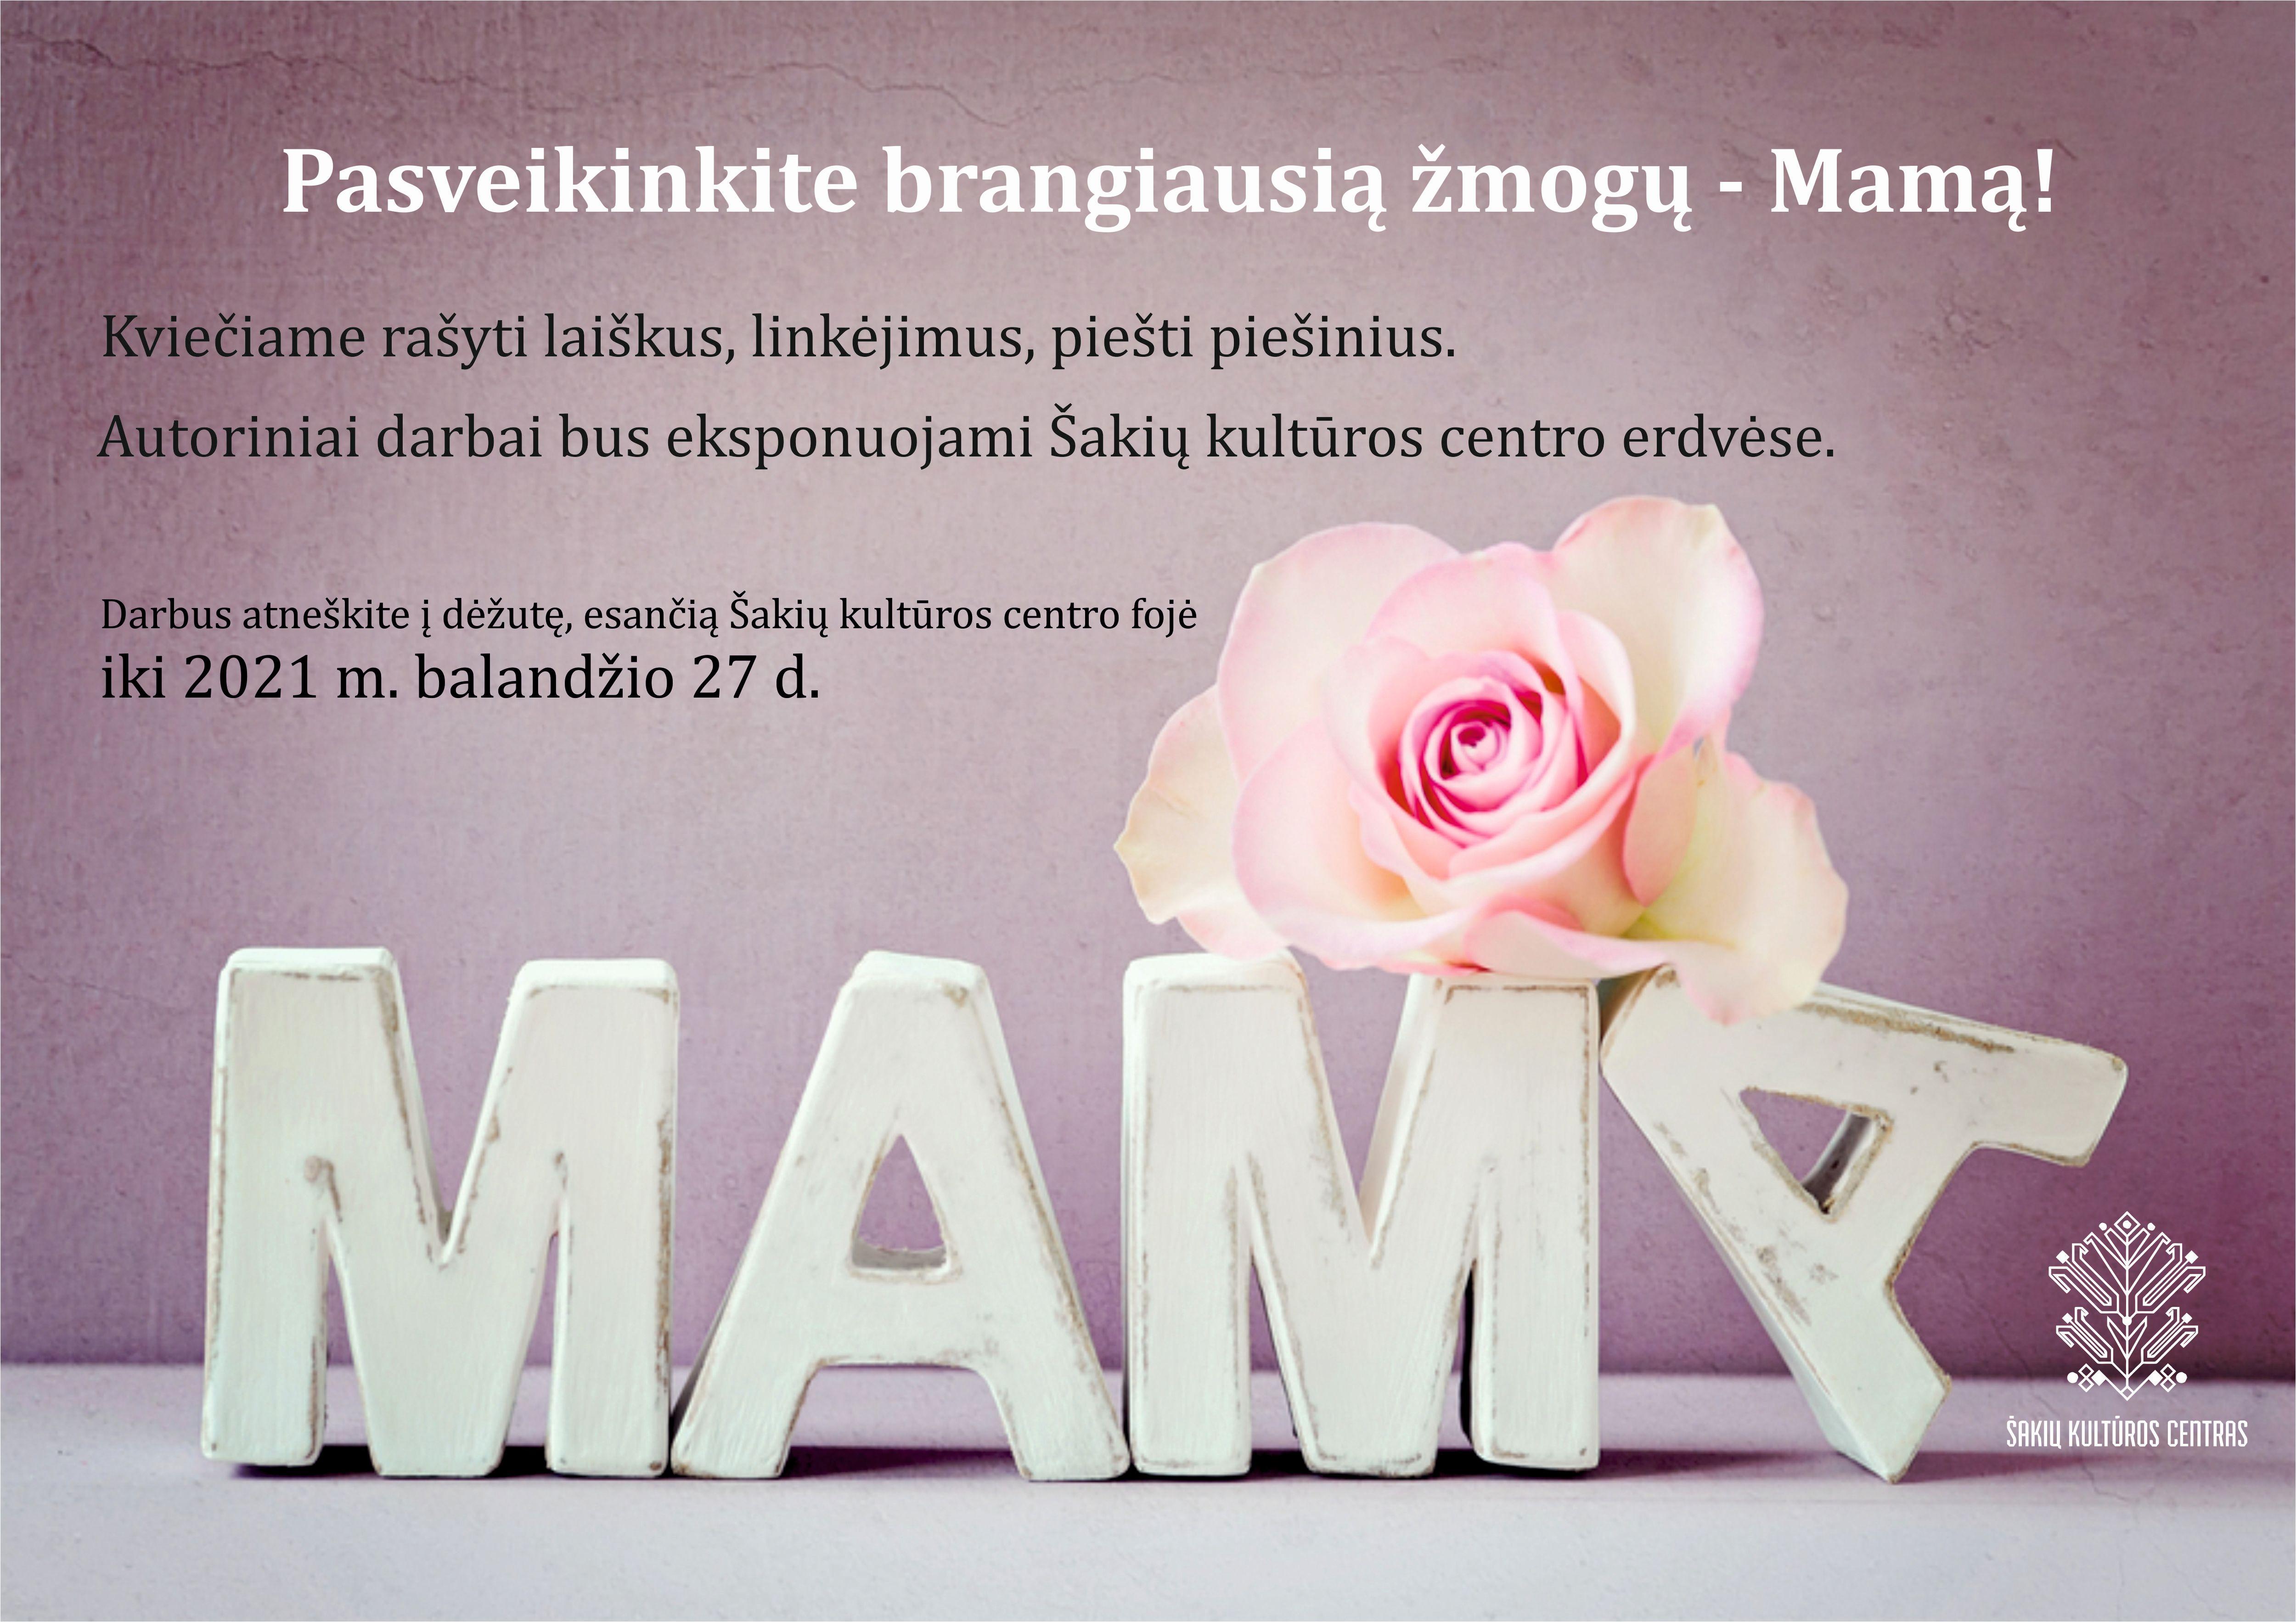 Pasveikinkite brangiausią žmogų - Mamą